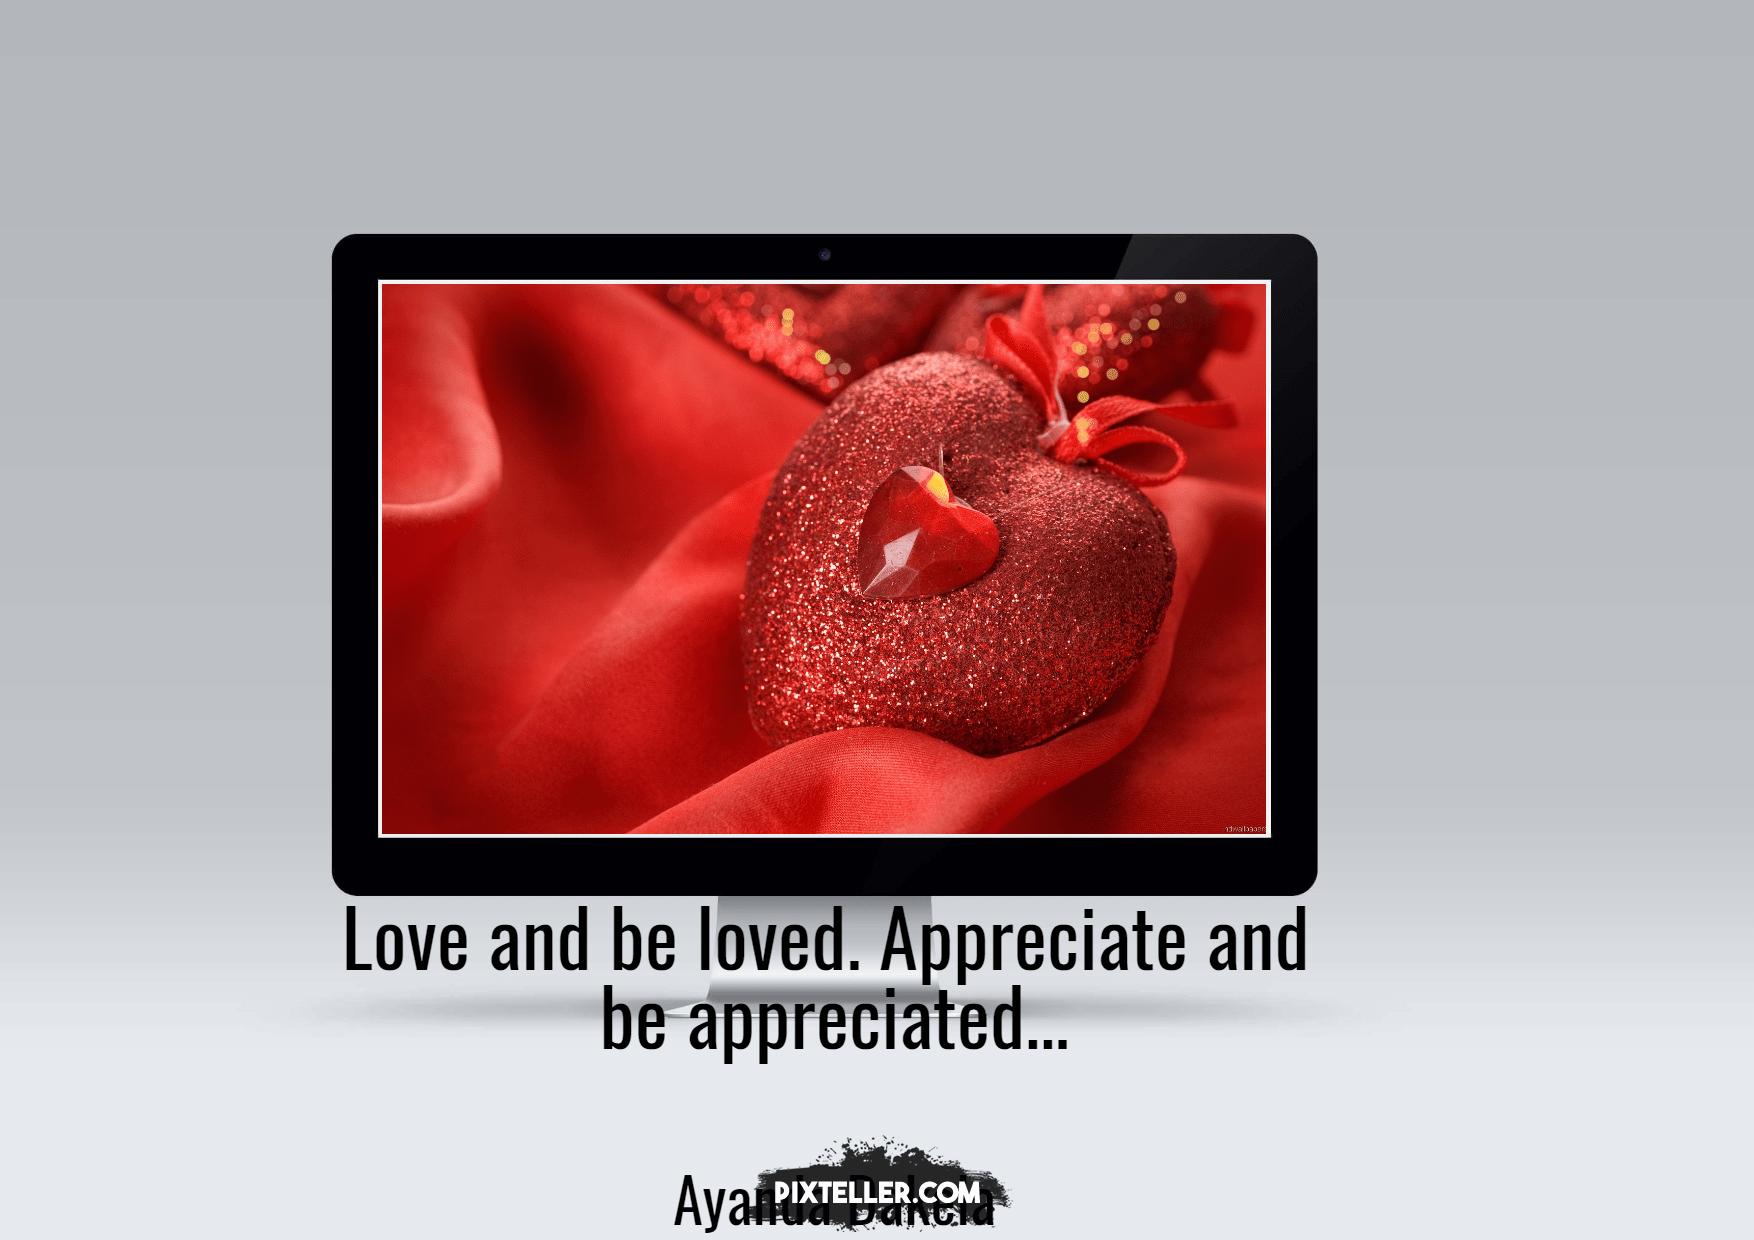 Mockup,                Inspiration,                Life,                Photo,                Image,                Apple,                White,                Black,                Red,                 Free Image